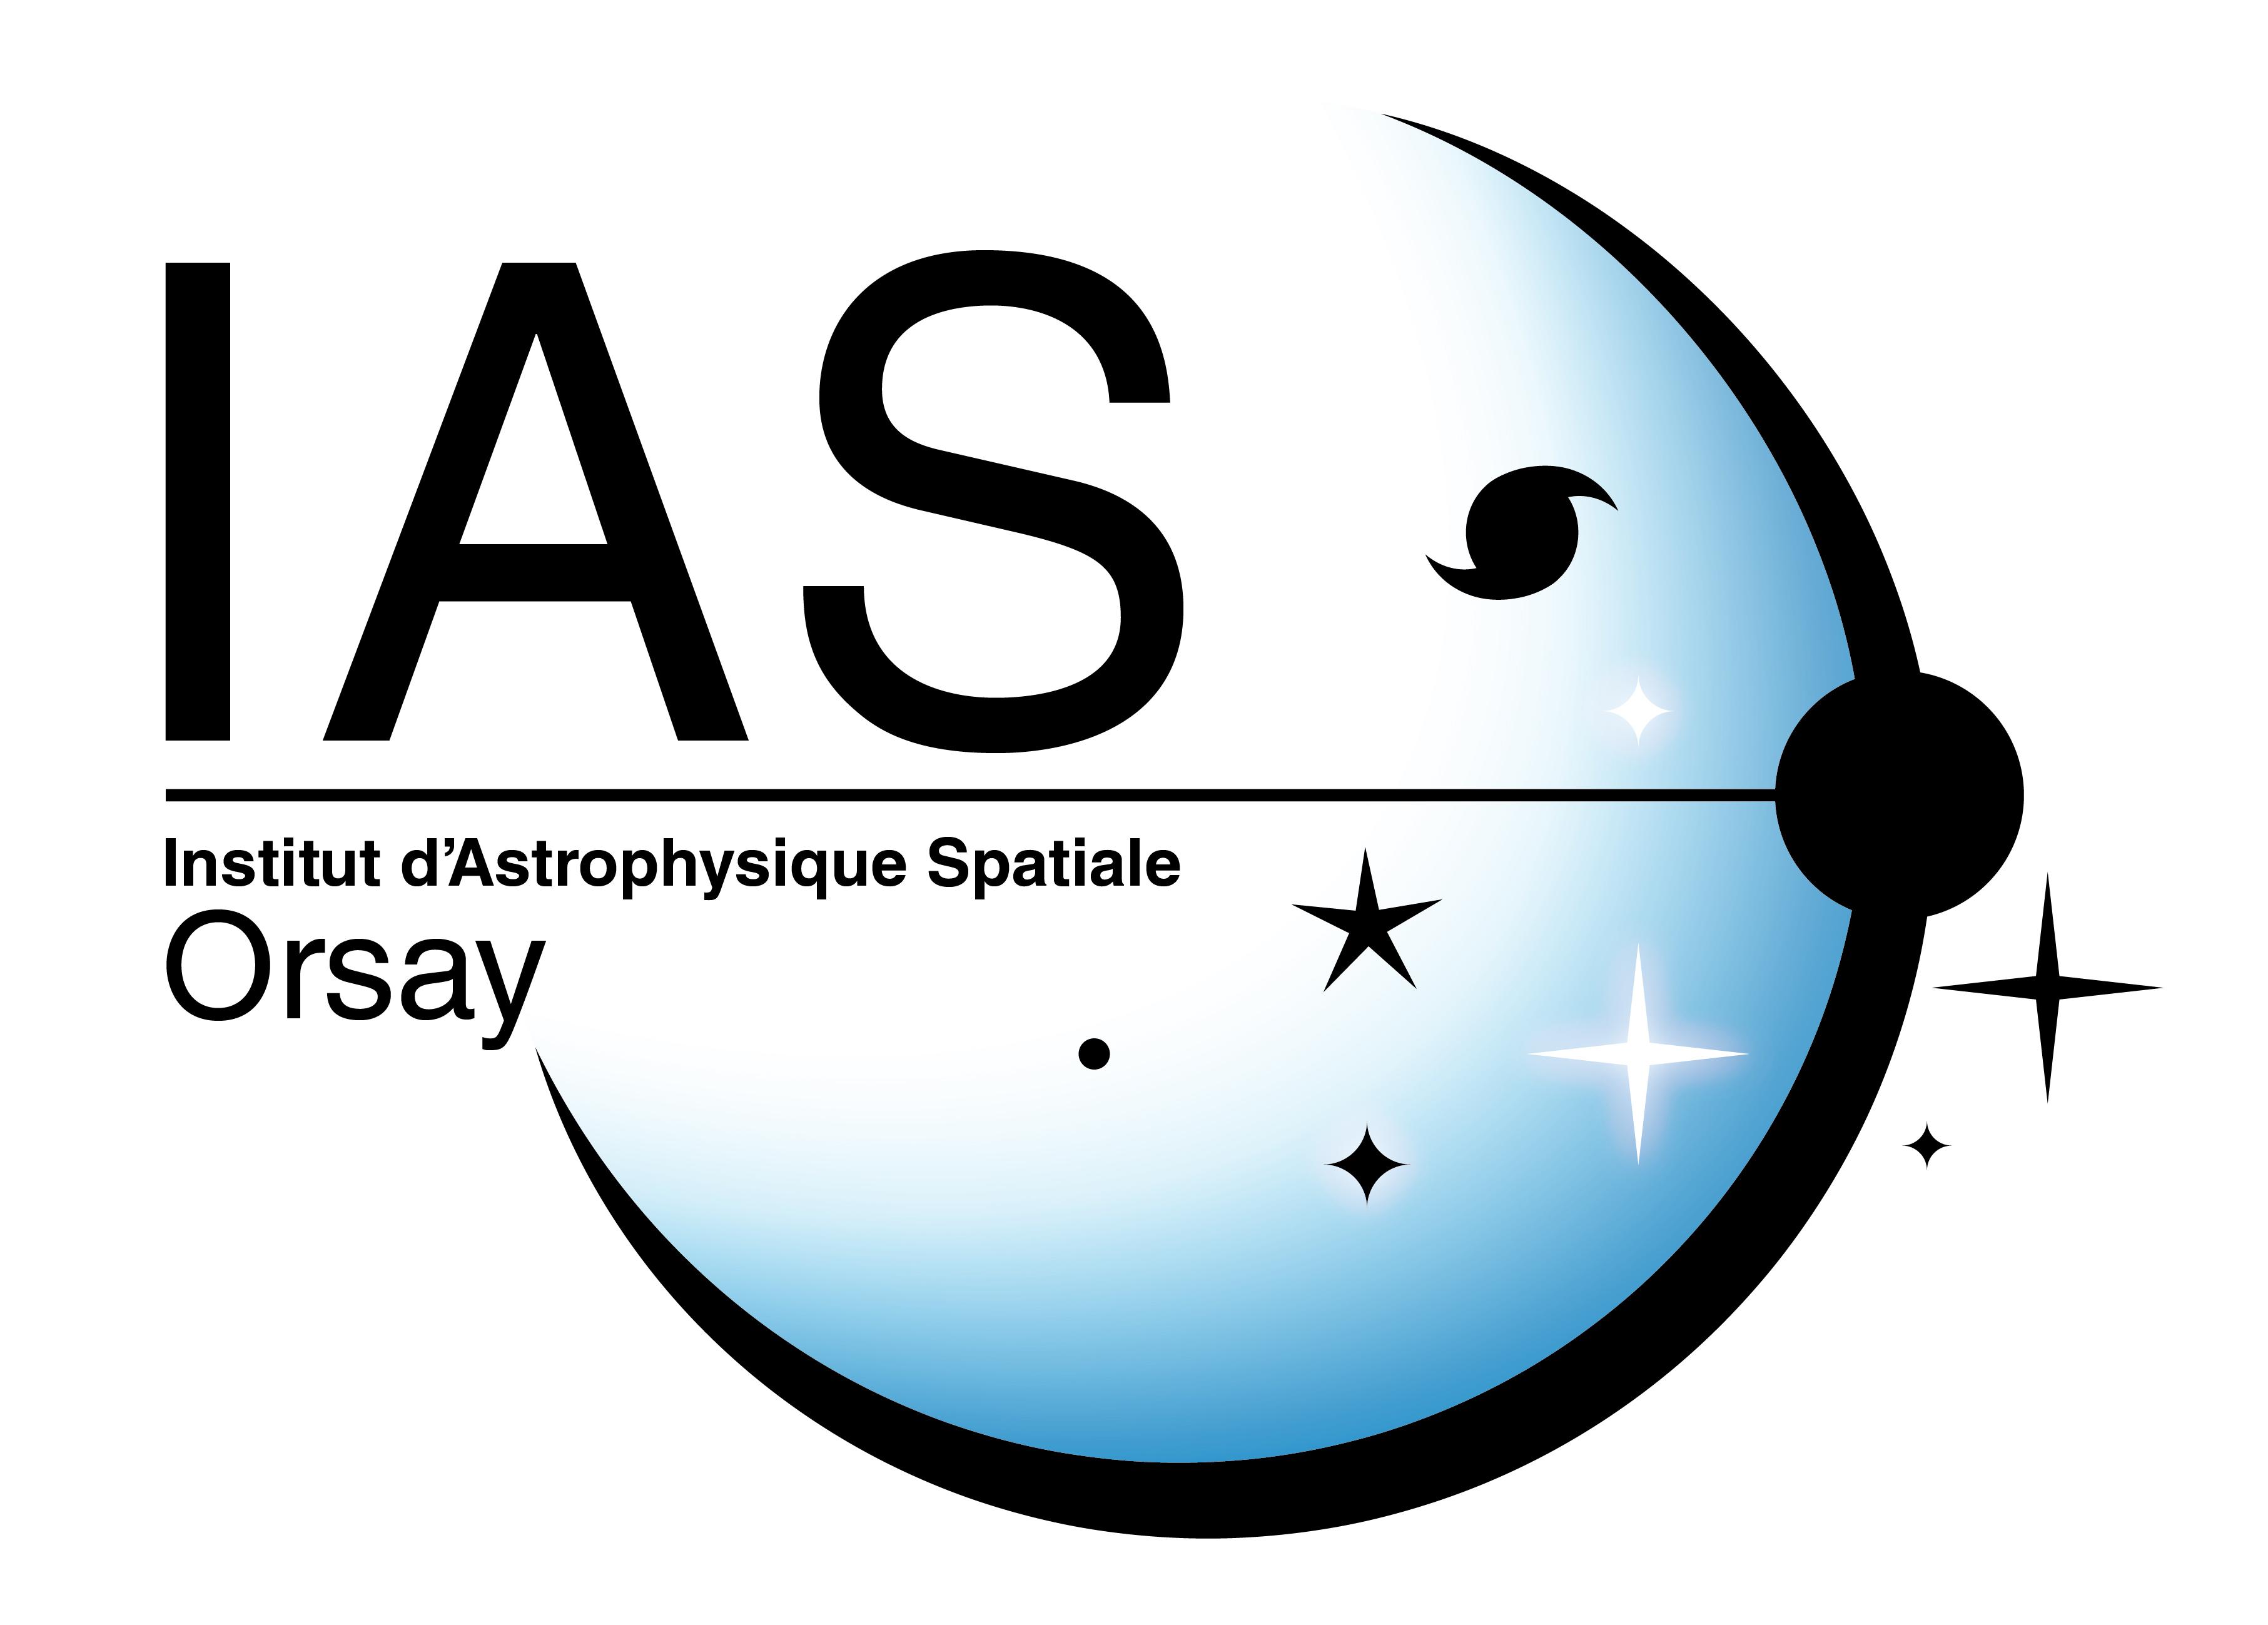 Logo Institut d'Astrophysique Spatiale | Domestika